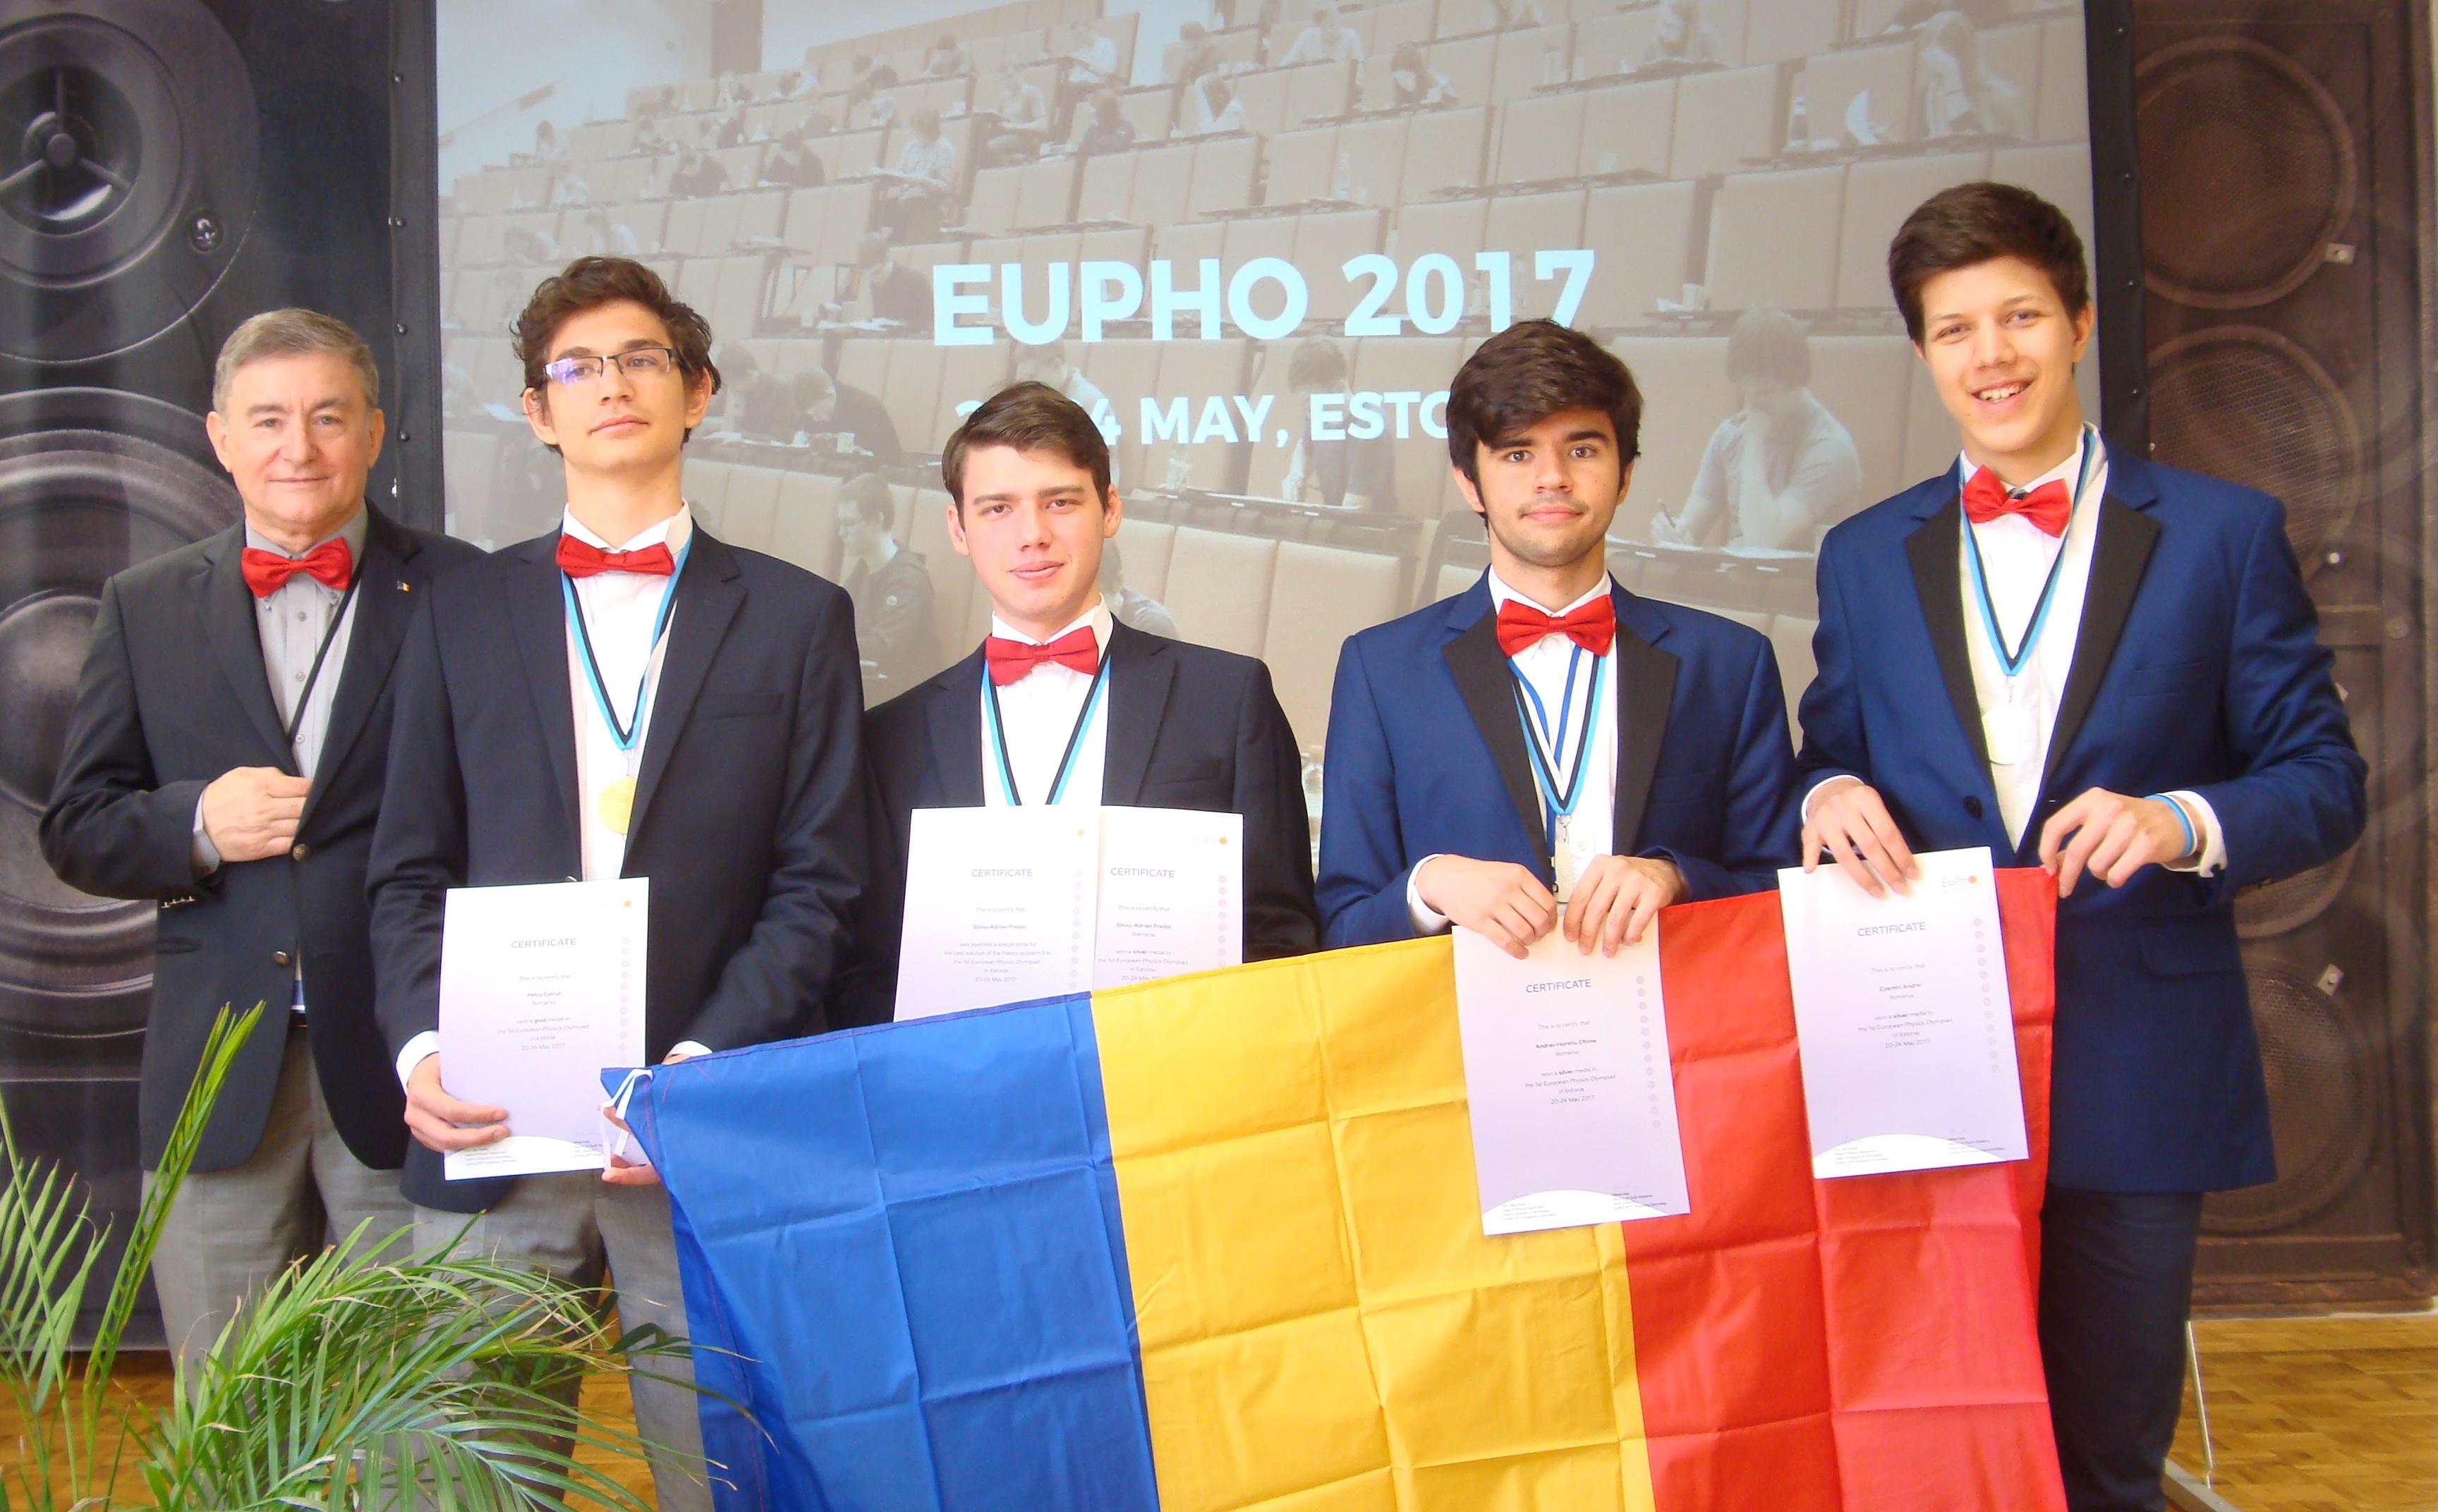 O medalie de aur și trei de argint pentru România la Oli mpiada Europeană de Fizică